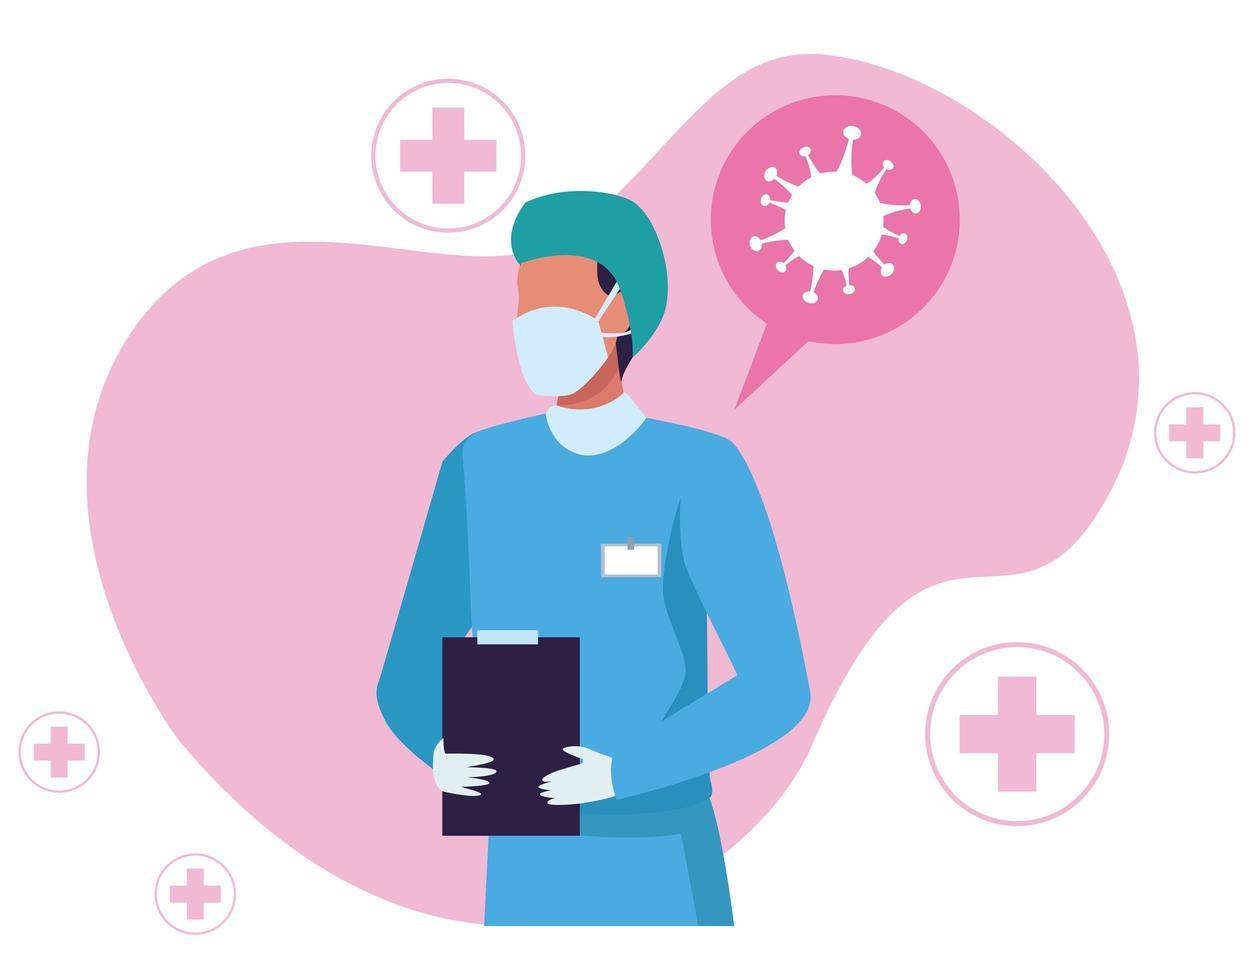 Chirurg trägt medizinische Maske mit covid19 Partikeln vektor